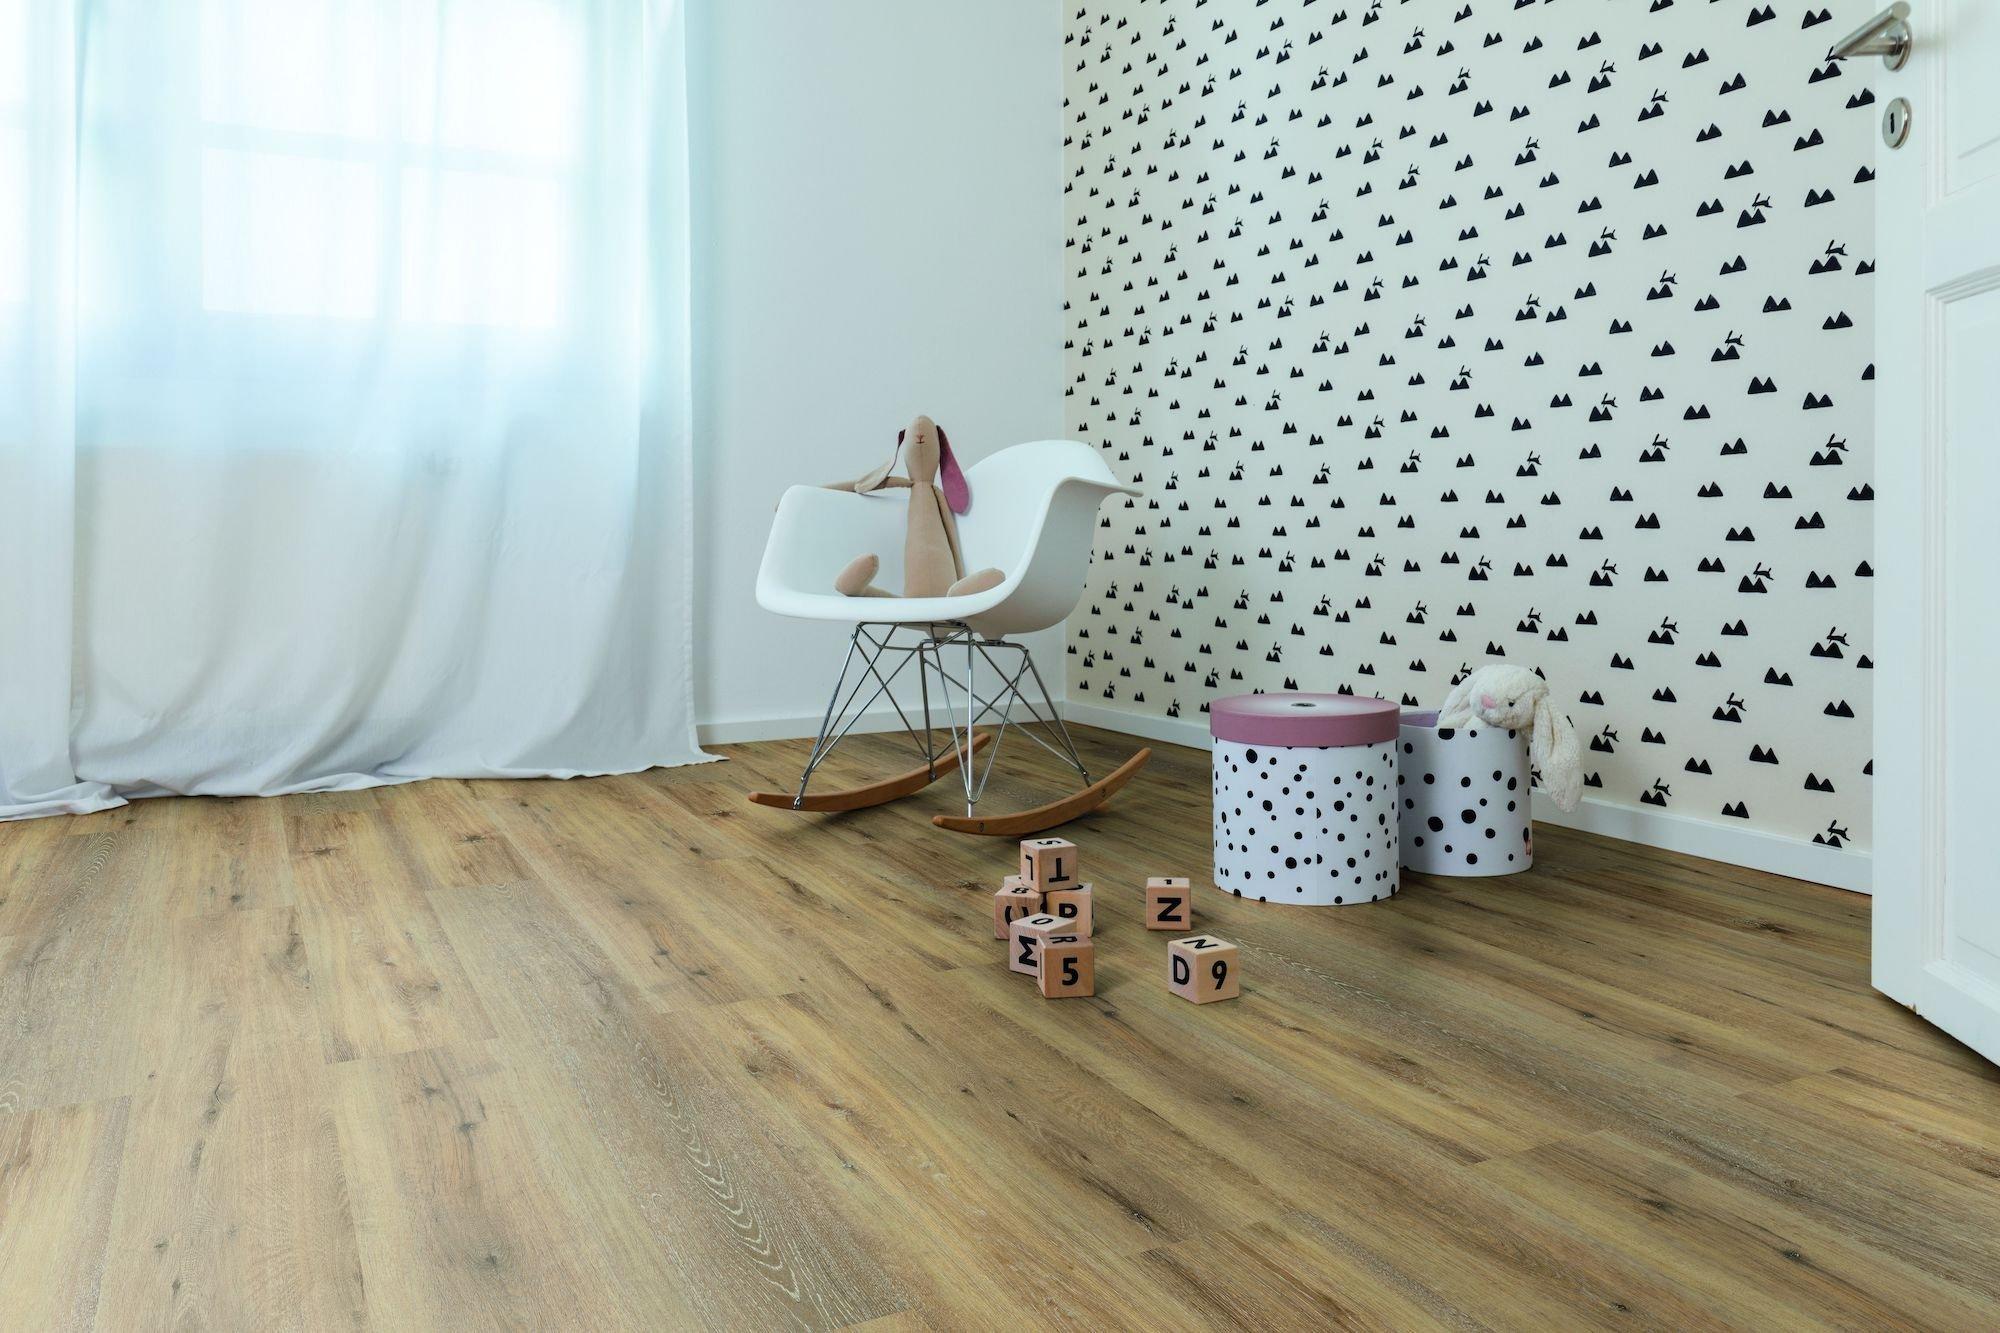 Kolekce vinylových podlah Wineo 400 s dekory dřeva a kamene nabízí univerzální využití.